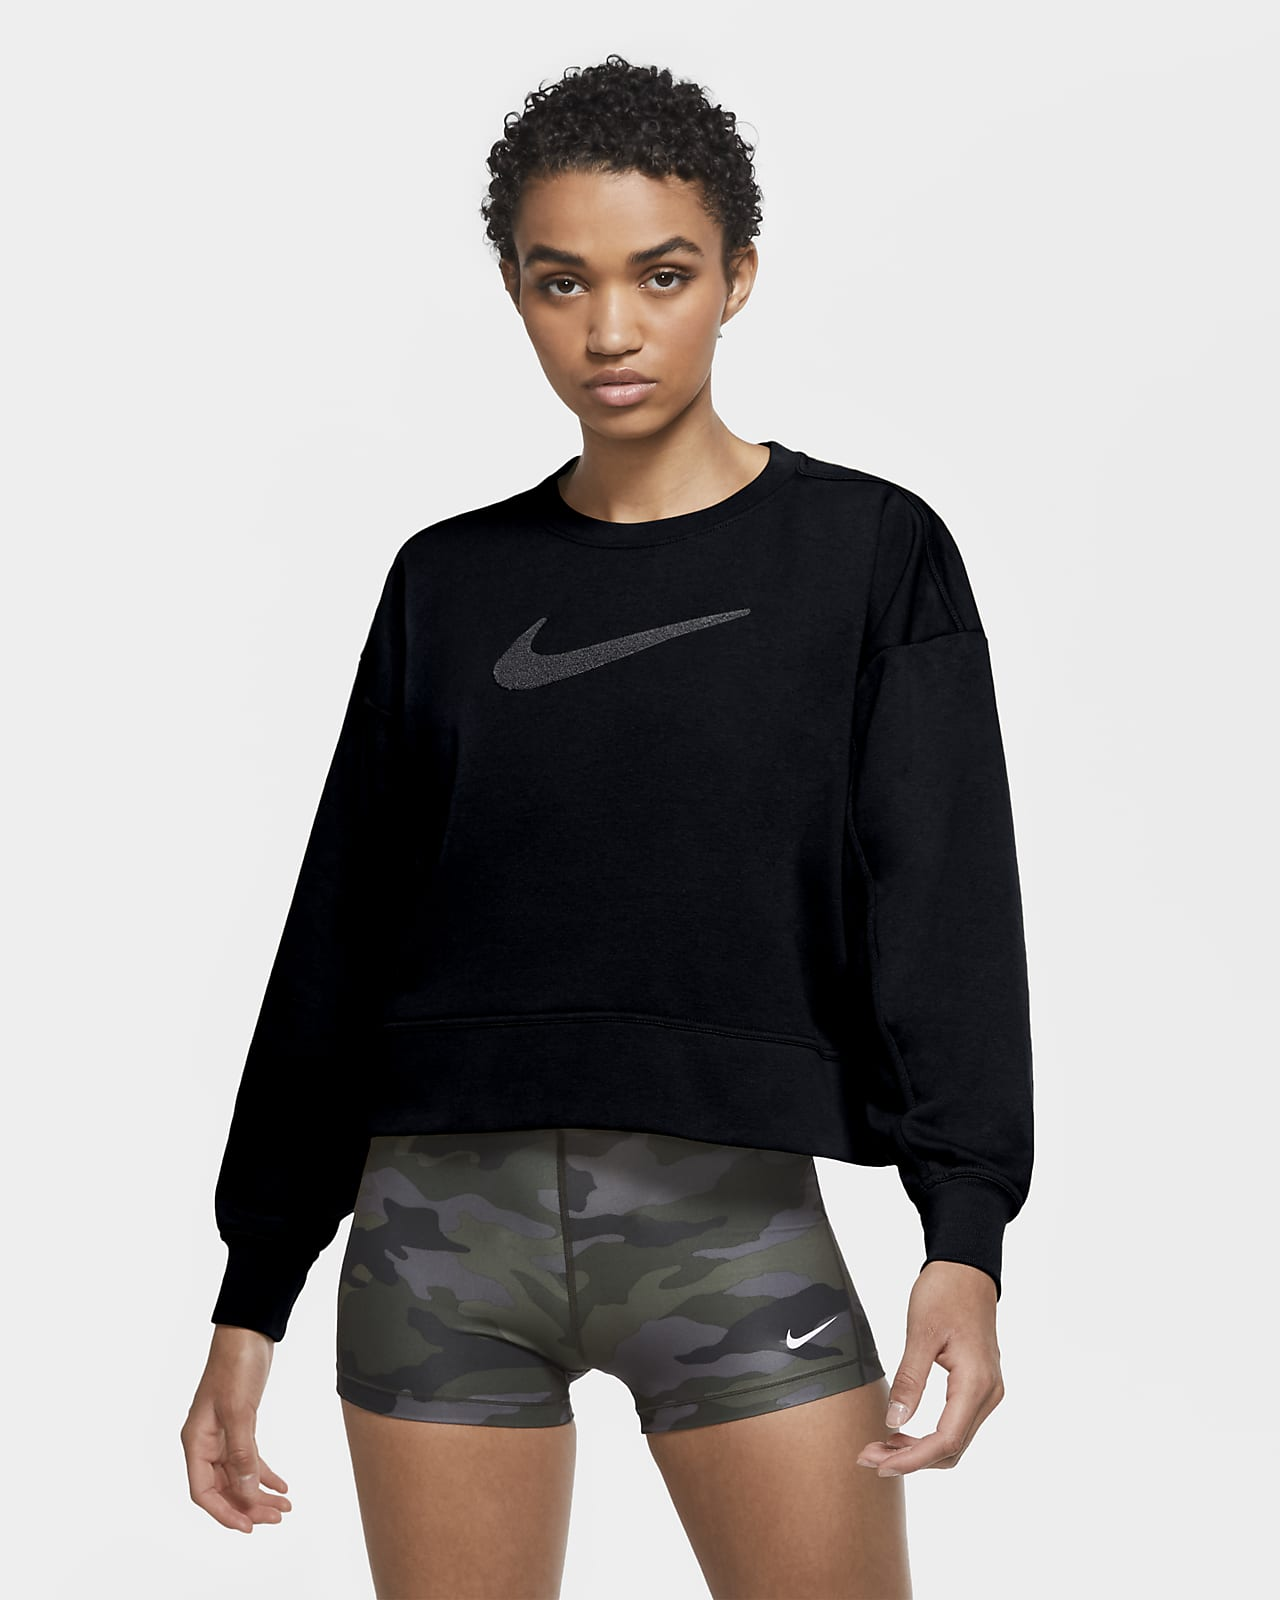 Nike Dri-FIT Get Fit Dessuadora amb logotip Swoosh d'entrenament - Dona